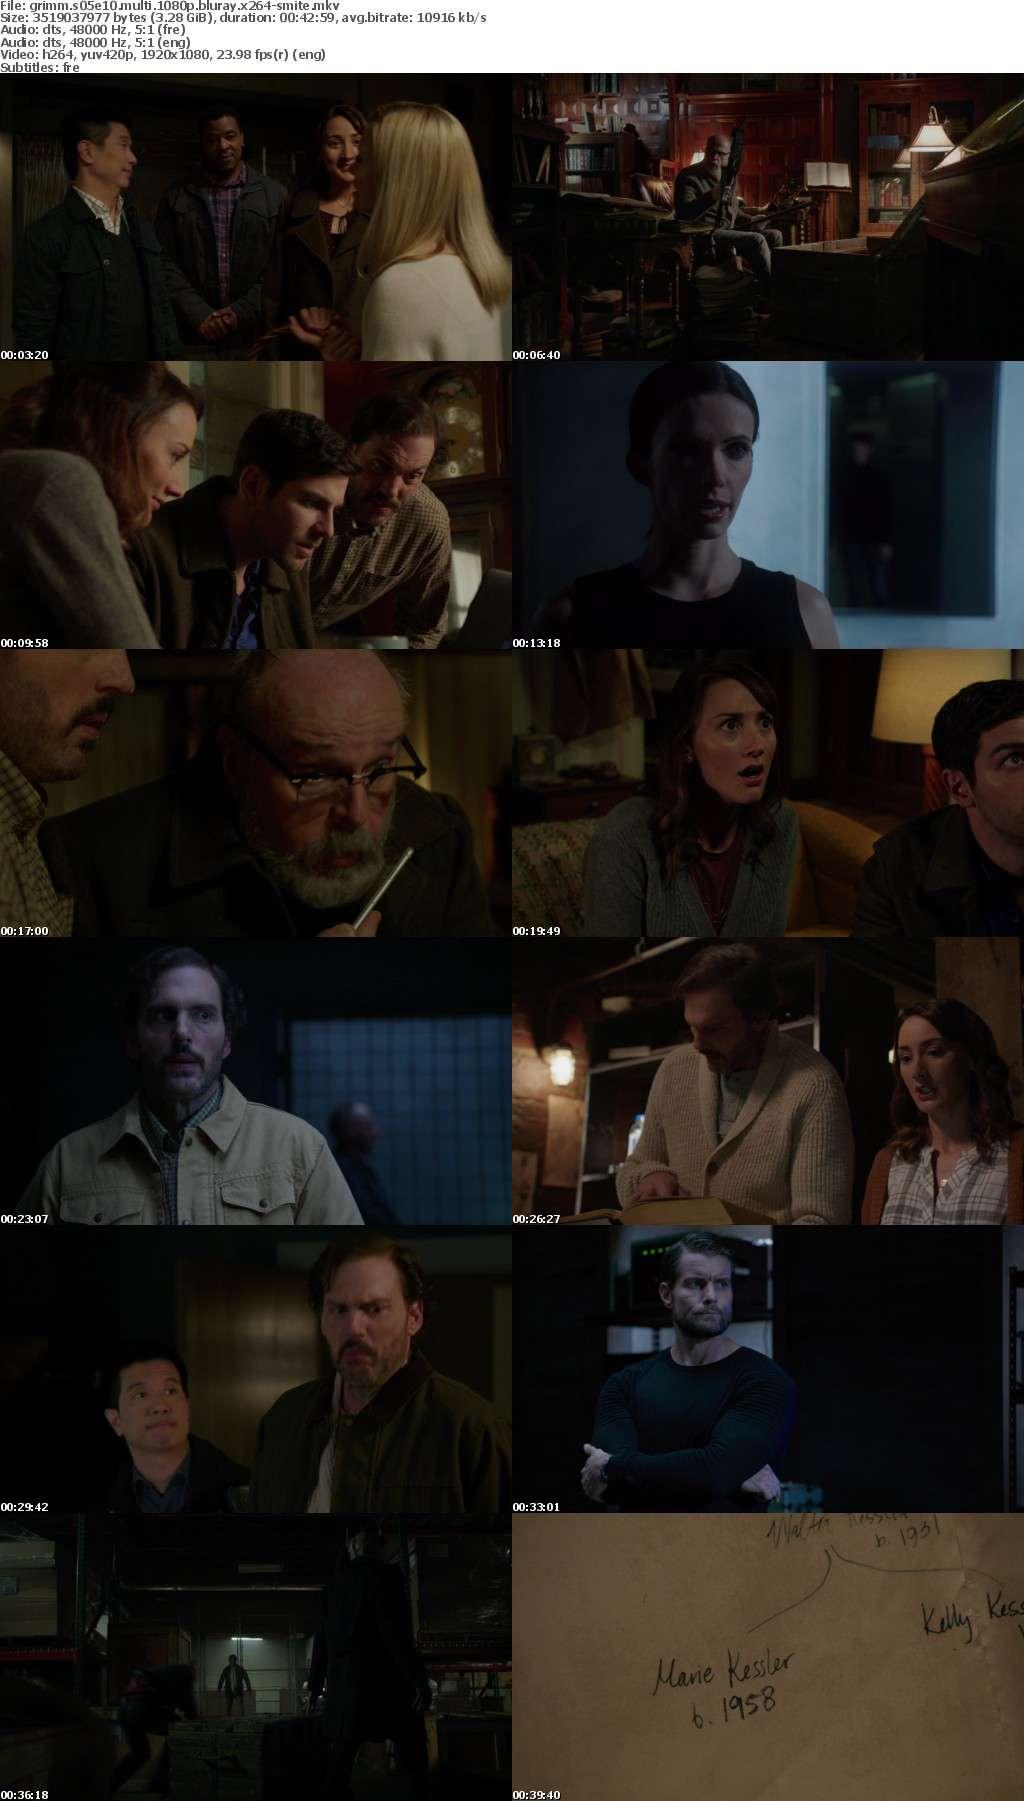 Grimm S05E10 MULTi 1080p BluRay x264-SMiTE